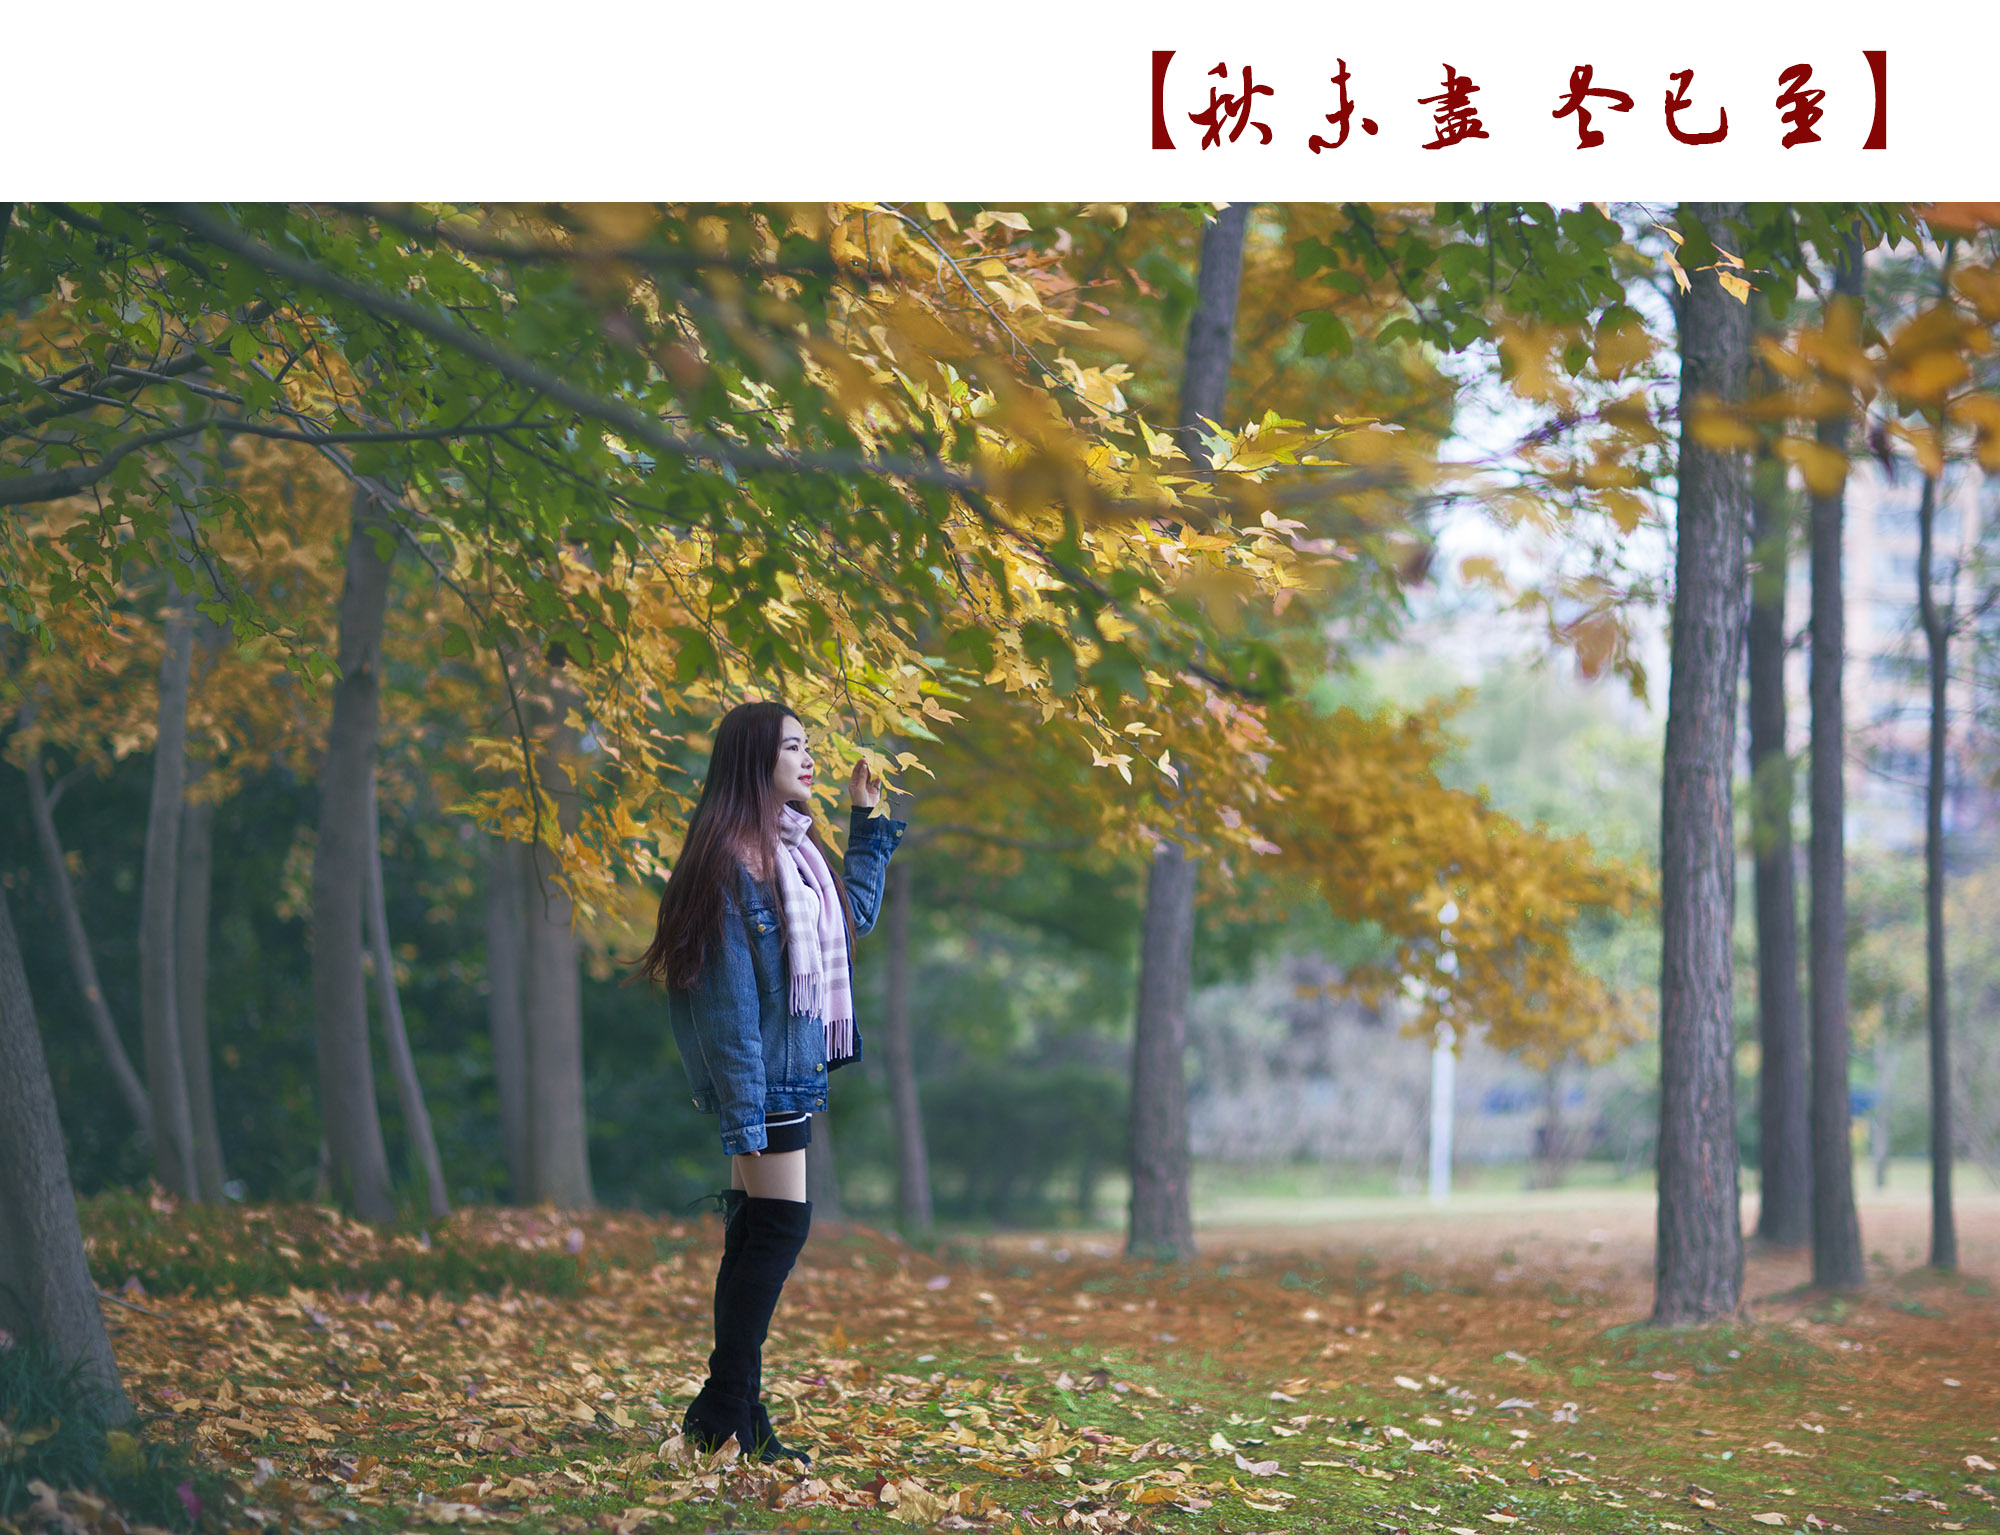 _MG_0542.jpg